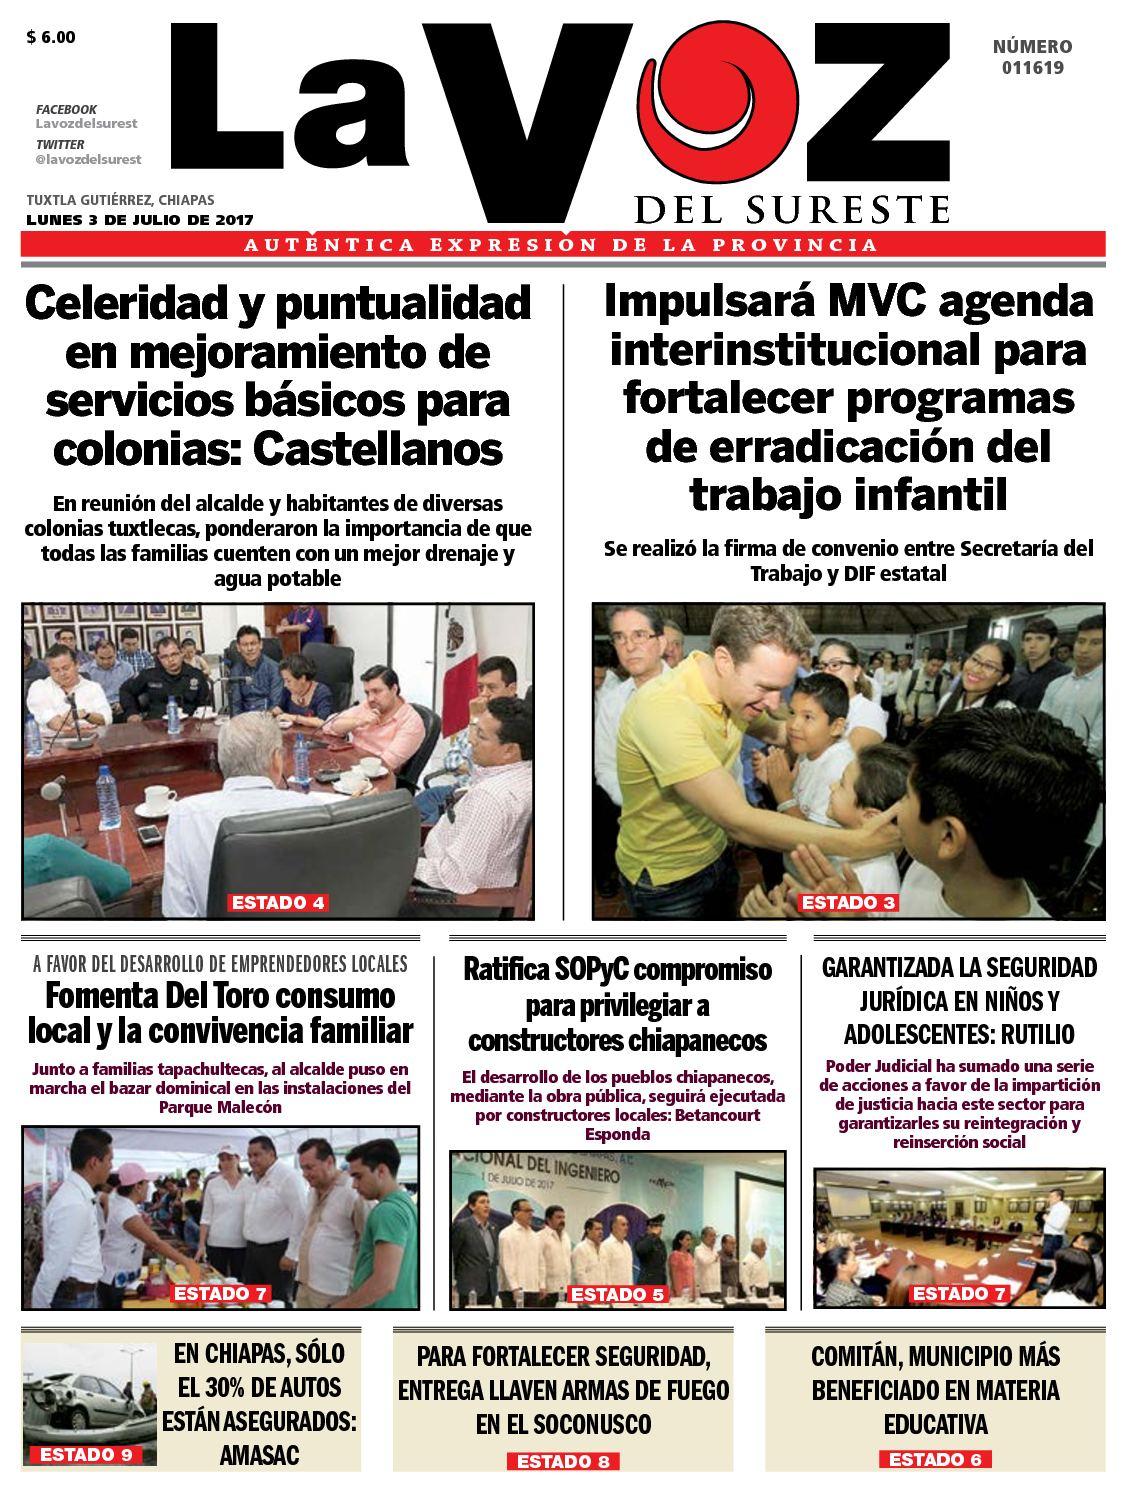 Calaméo Del Sureste Diario Voz La ECoWQexBrd